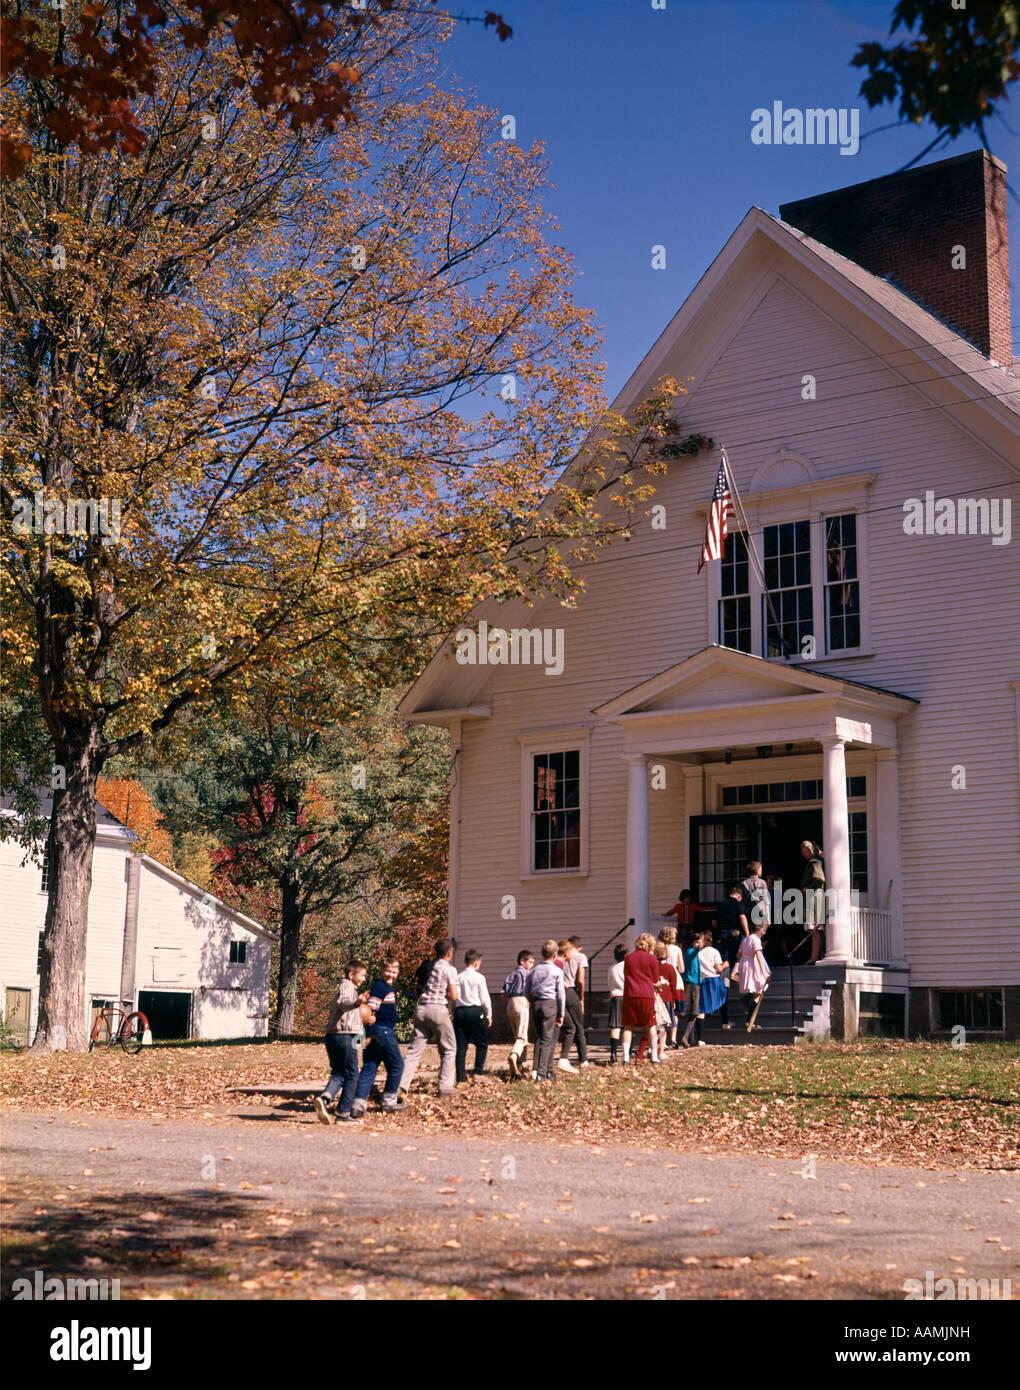 SCHOOL CHILDREN WALKING INTO SCHOOLHOUSE 1970s - Stock Image